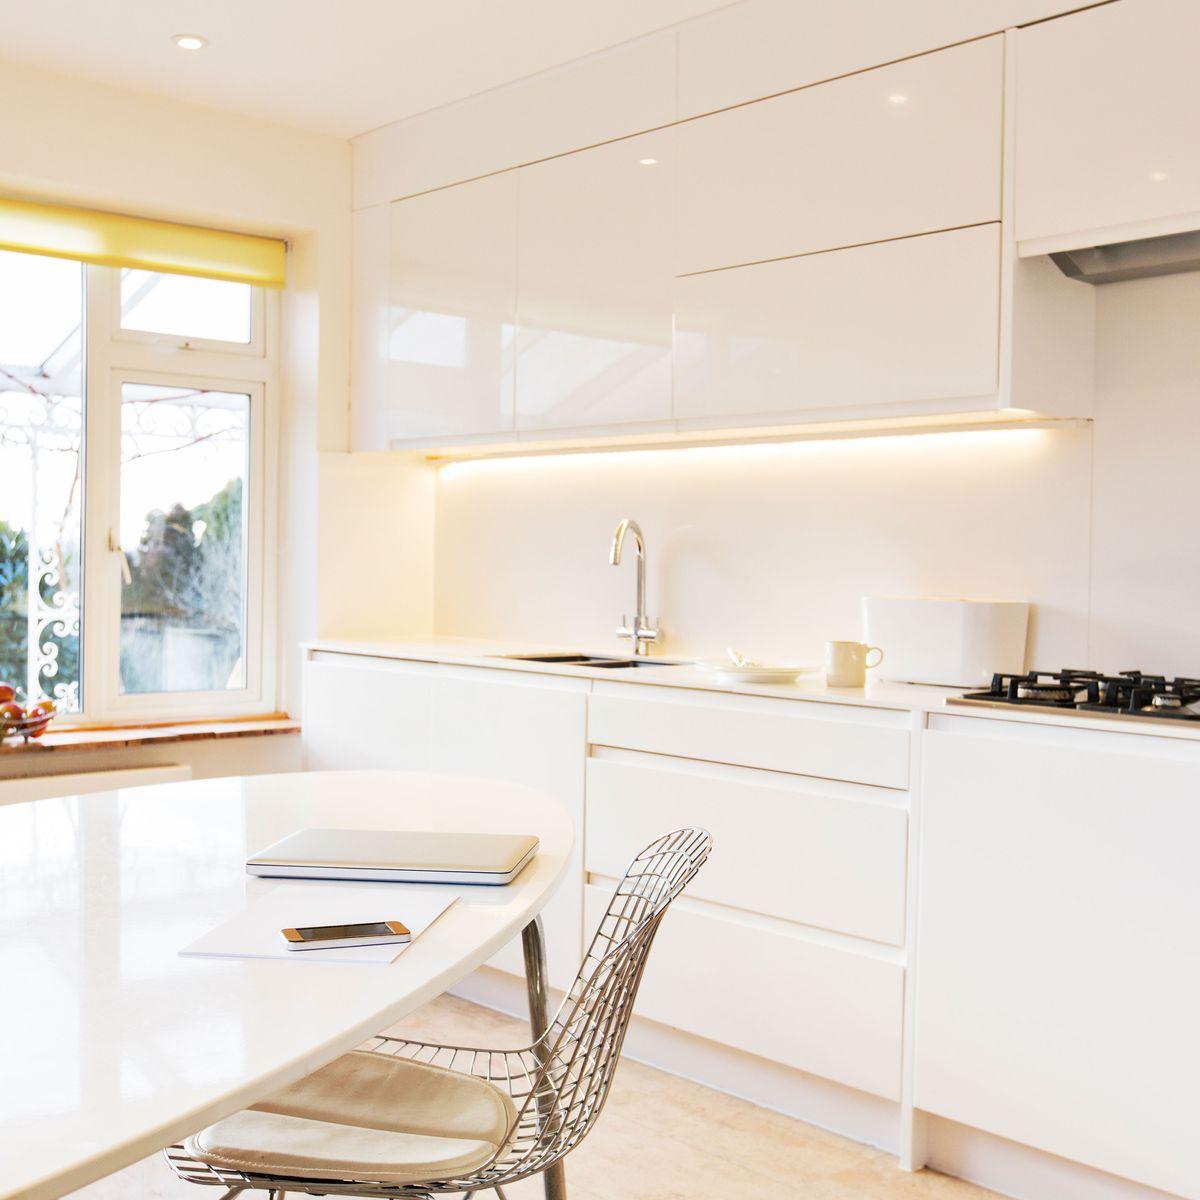 Come illuminare una cucina piccola: idee e consigli